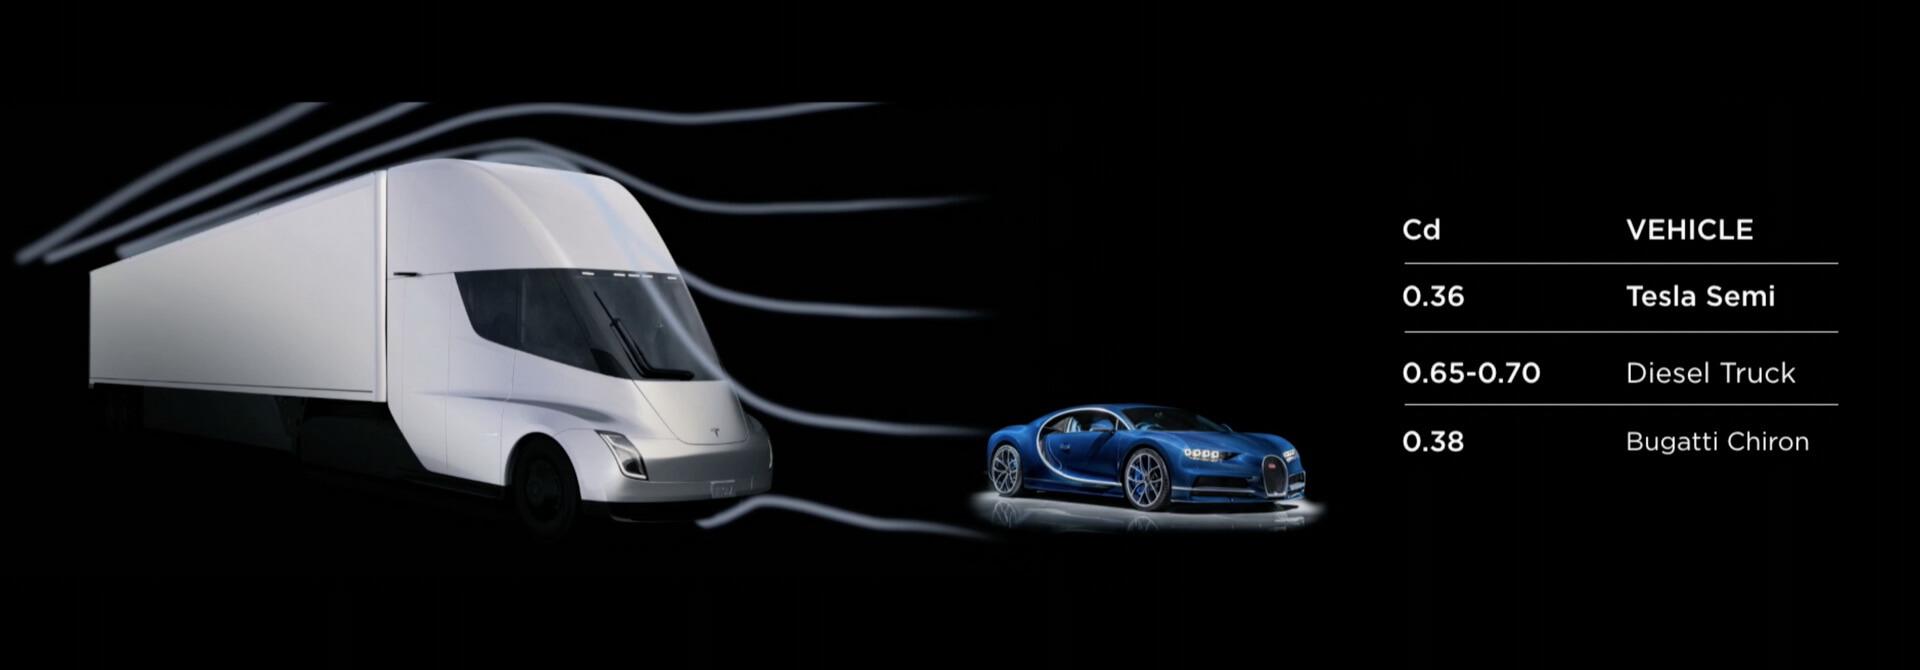 Демонстрация показателей аэродинамики Tesla Semi и Bugatti Chiron